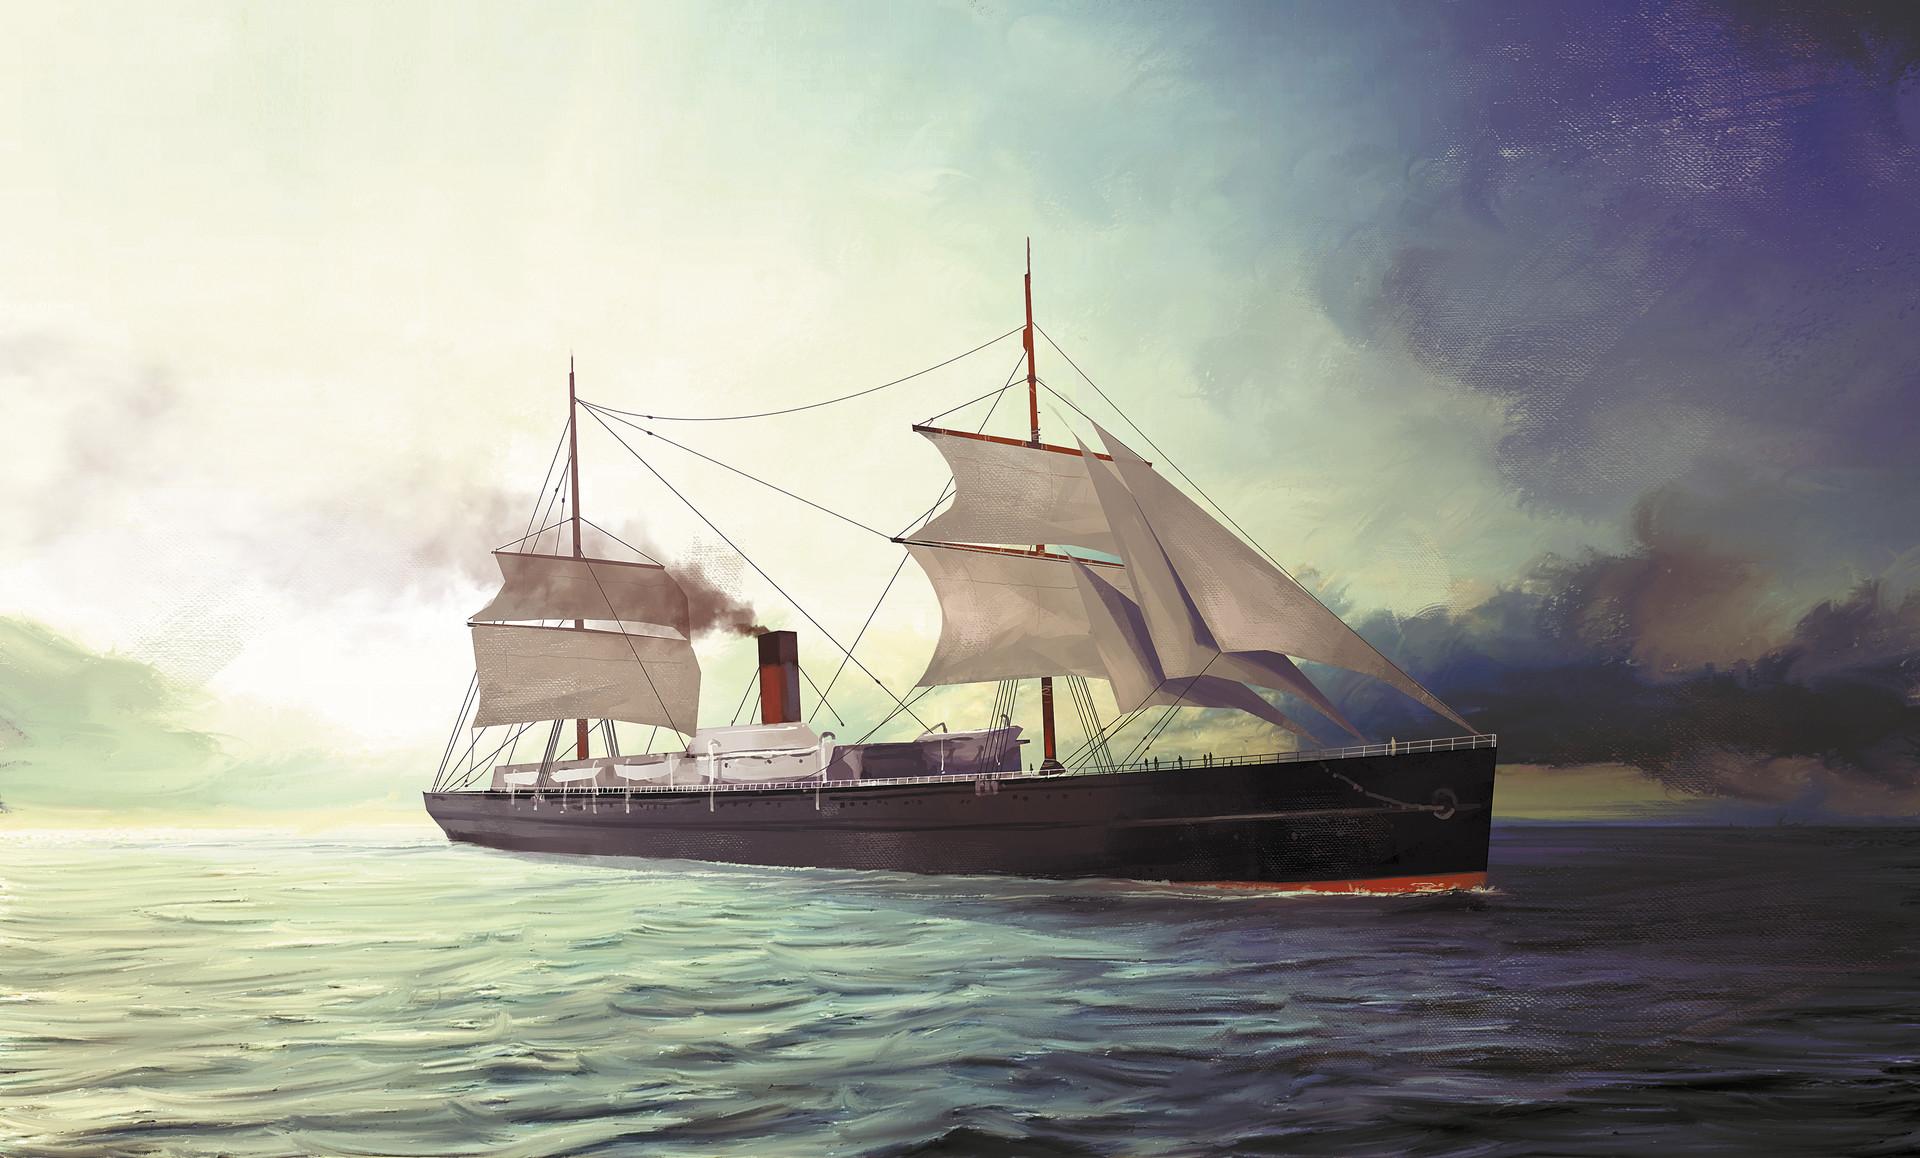 Dominik mayer 1873 pommerania 03